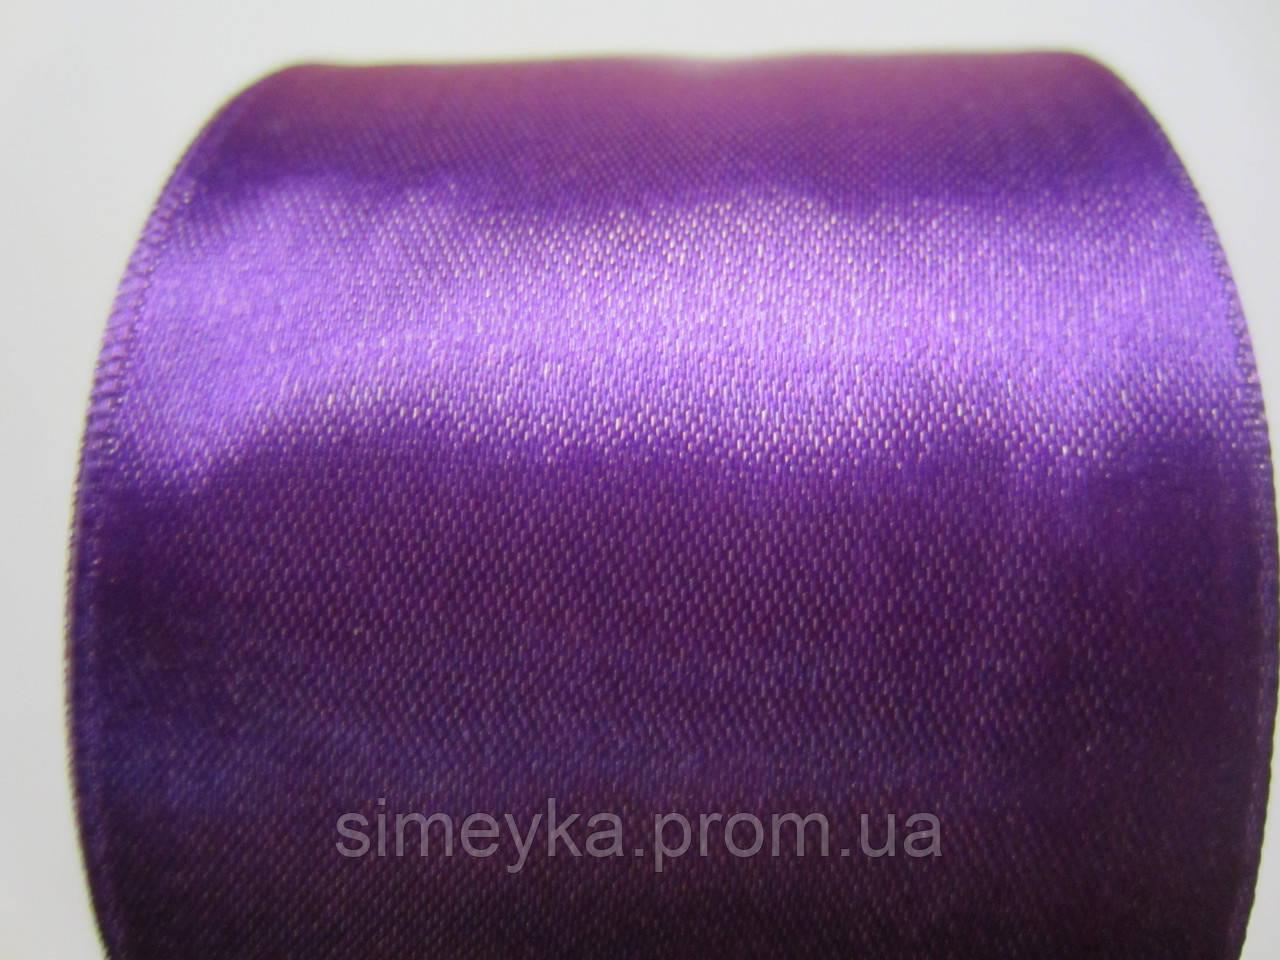 Лента атлас 5 см Фиолетовая